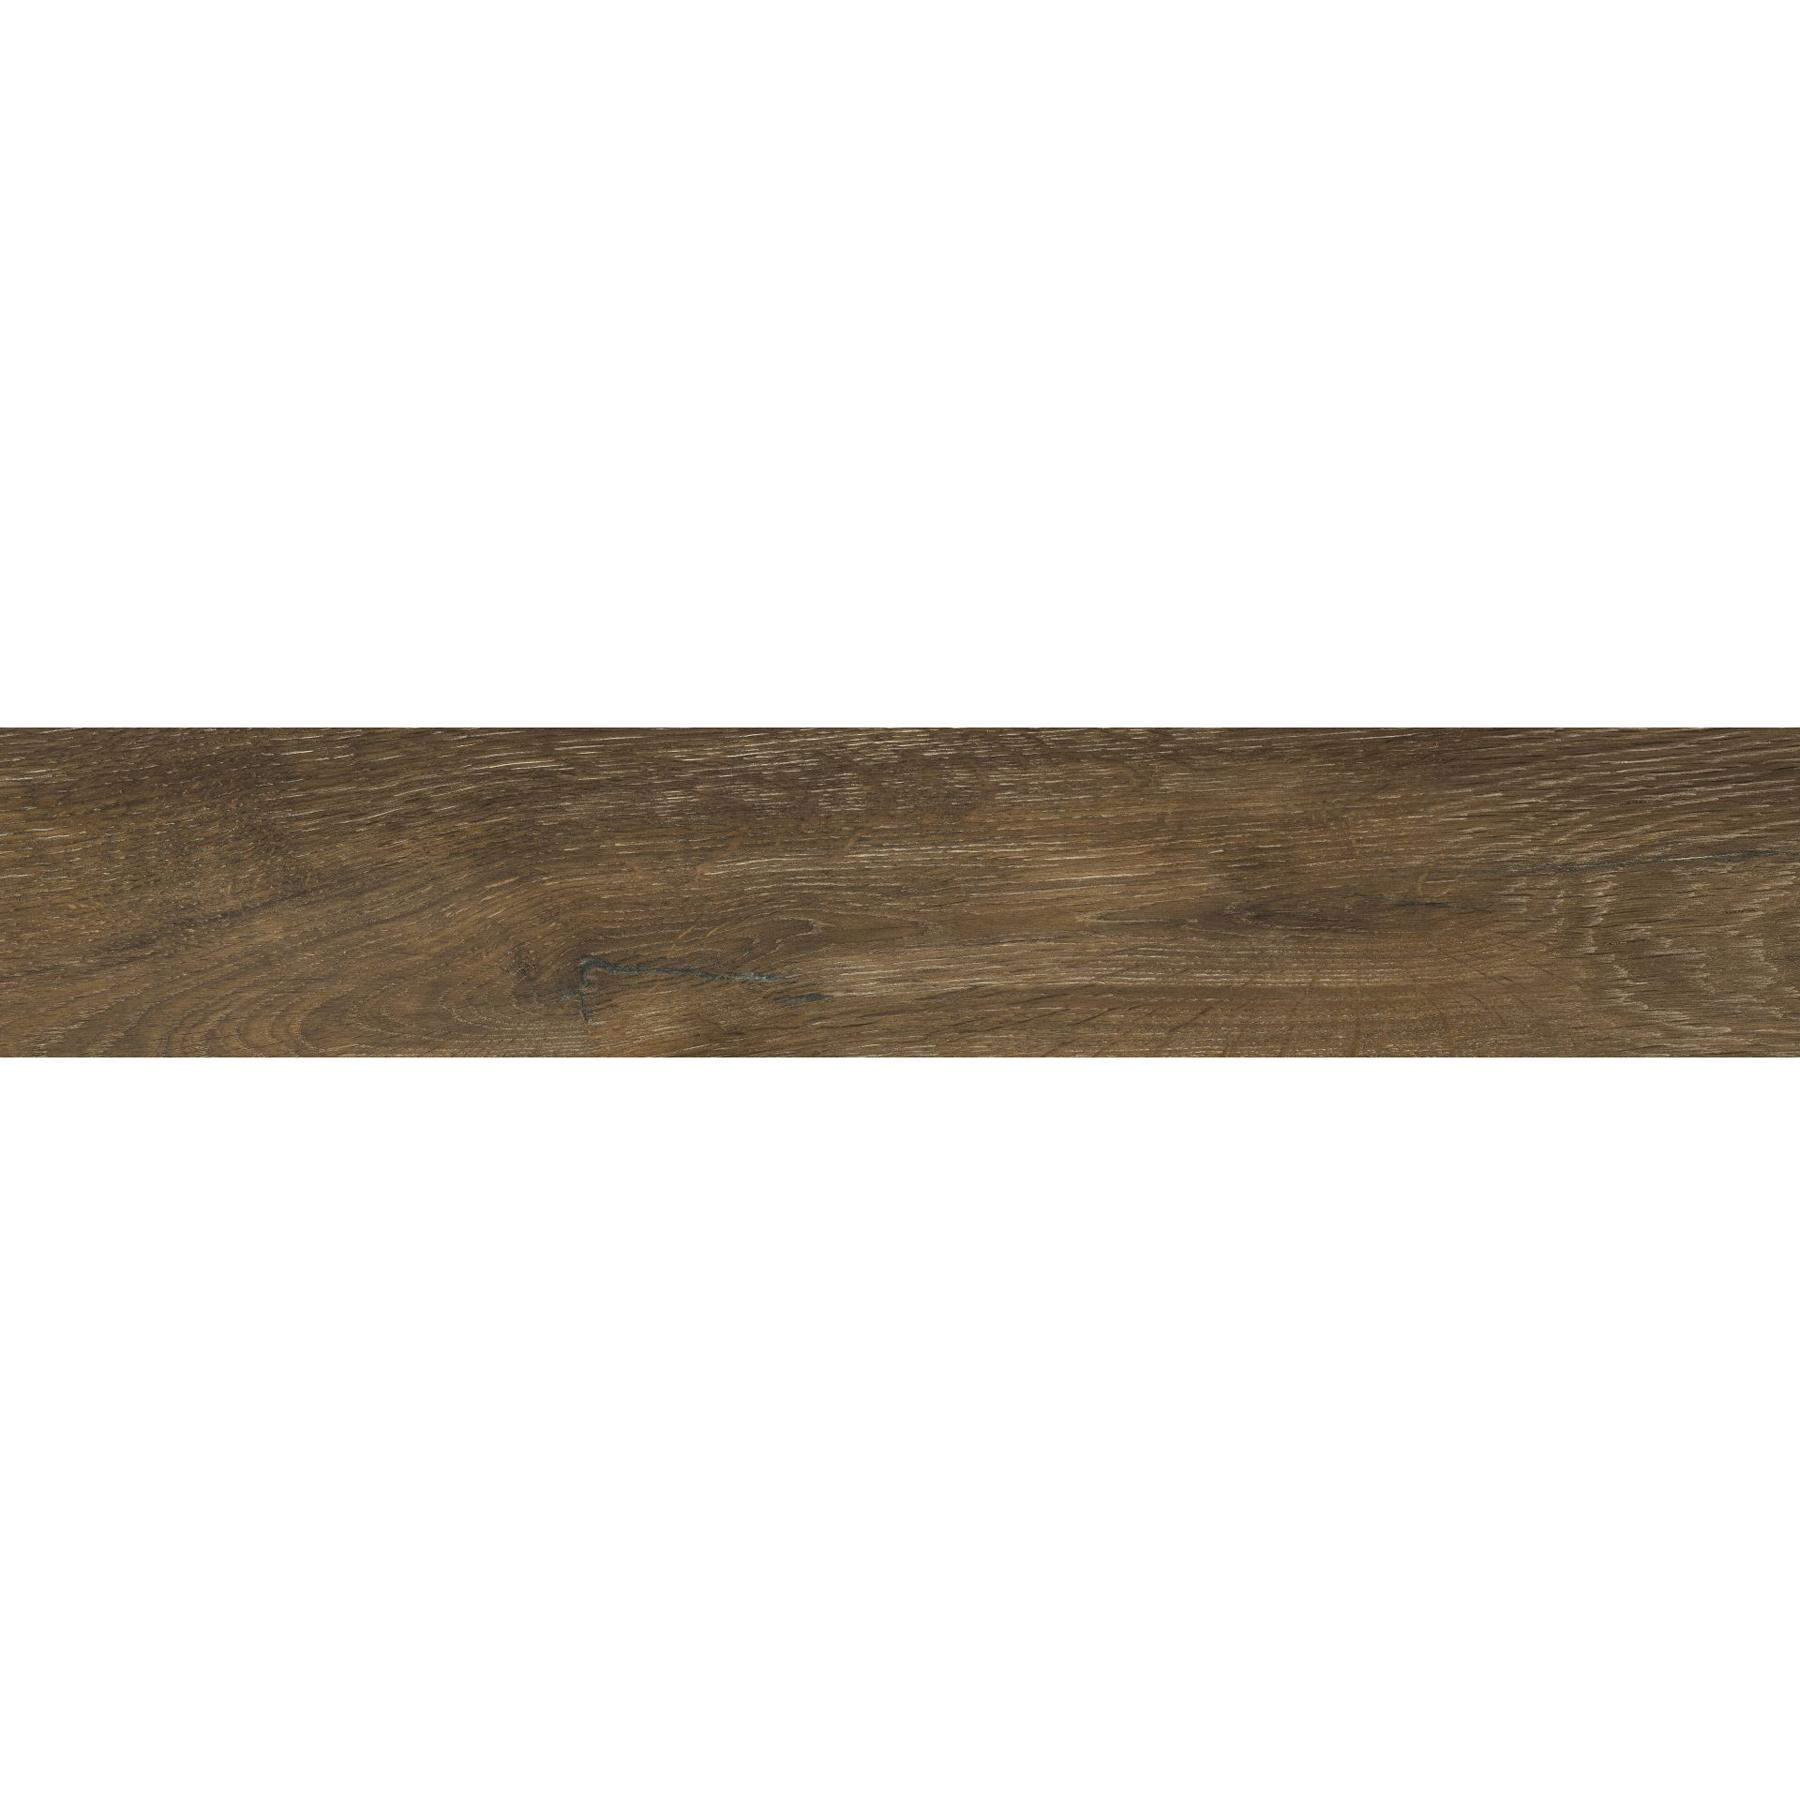 Płytka podłogowa Cerrad Tramonto Marrone 11x60 cm 8068